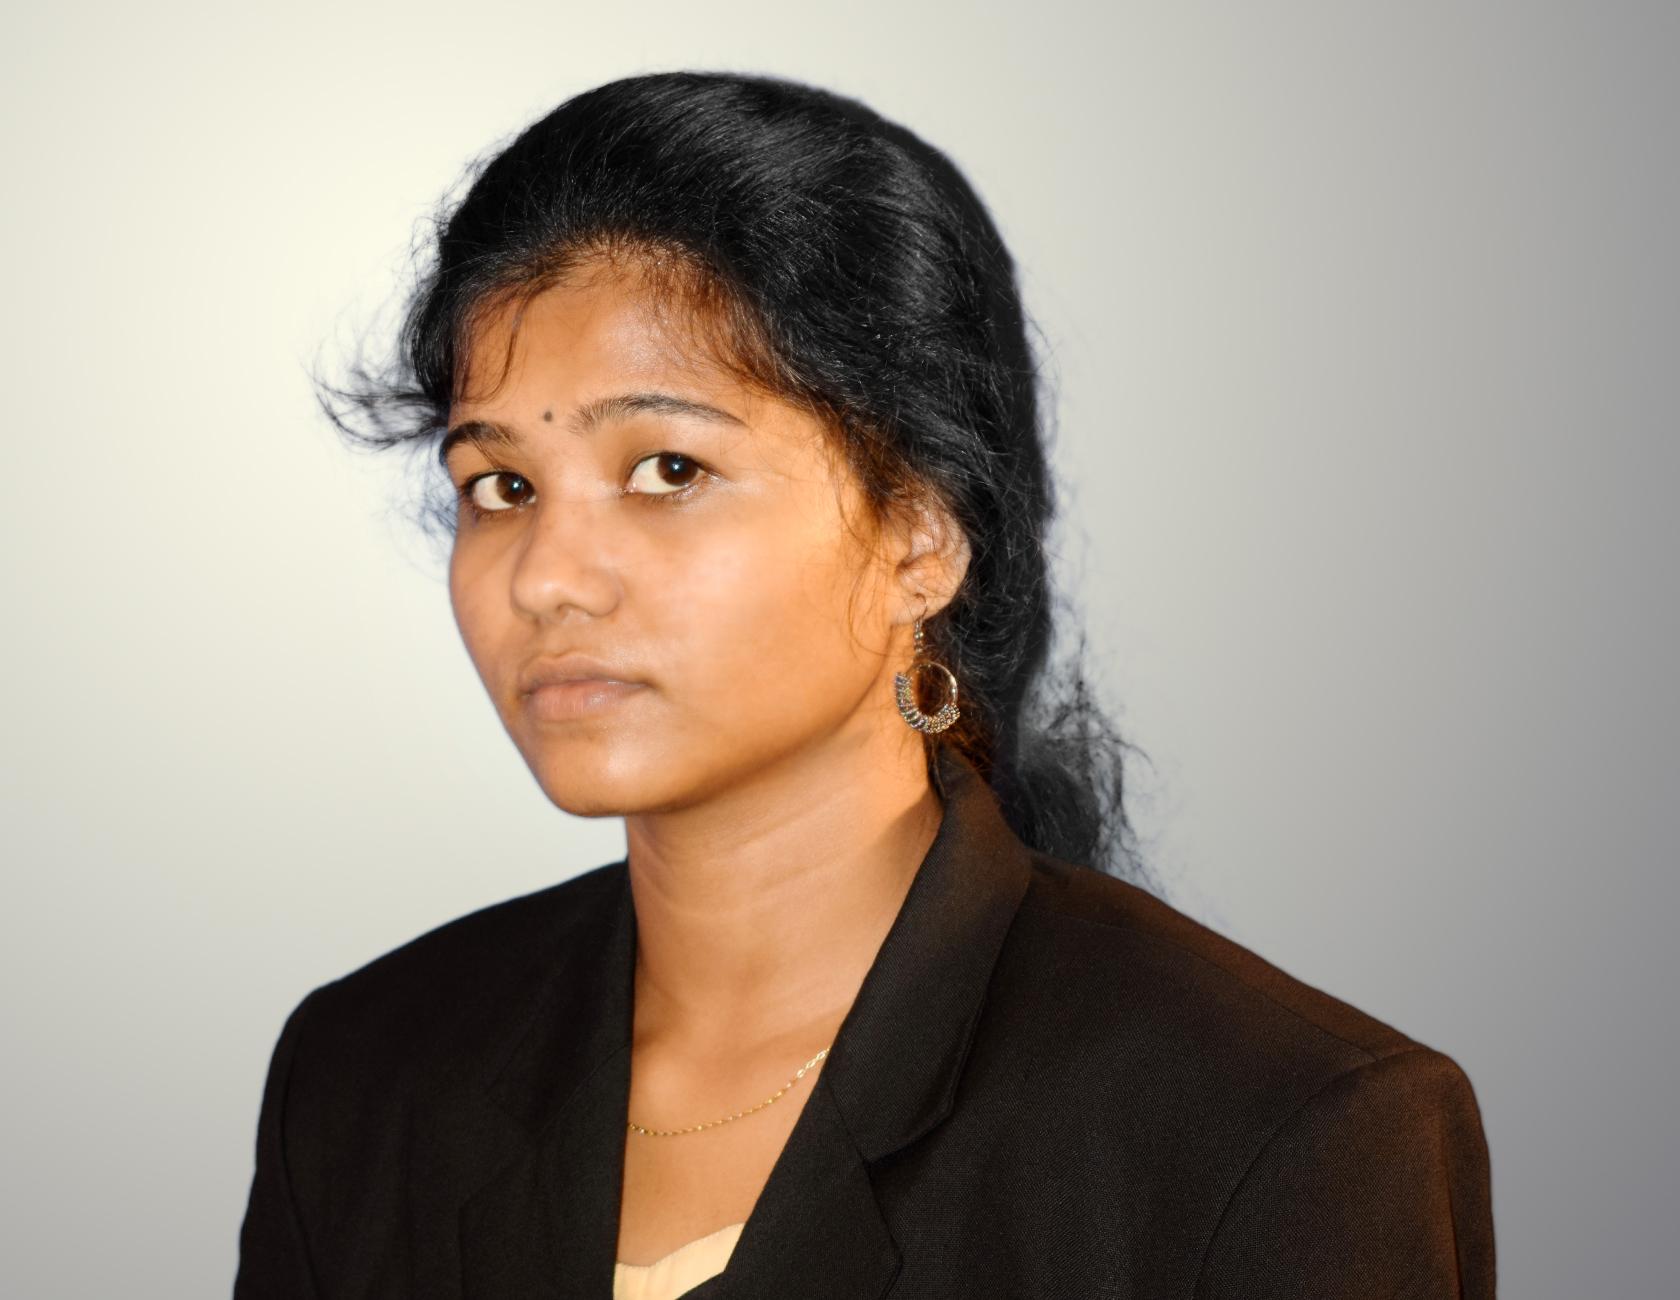 Haritha Ambati